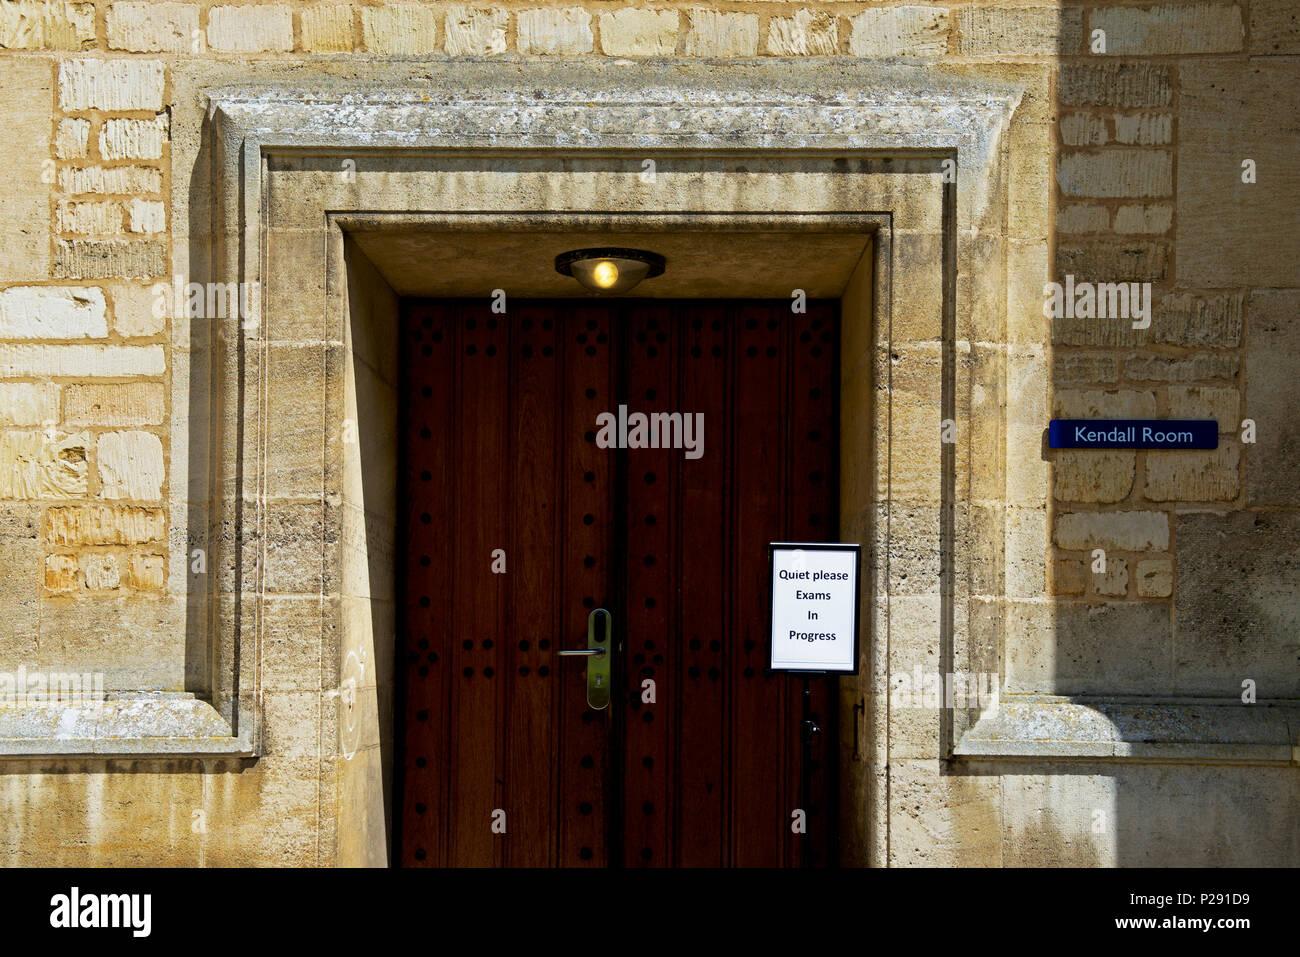 Segno - esami in corso - a Uppingham School, a Uppingham, Rutland, England Regno Unito Foto Stock